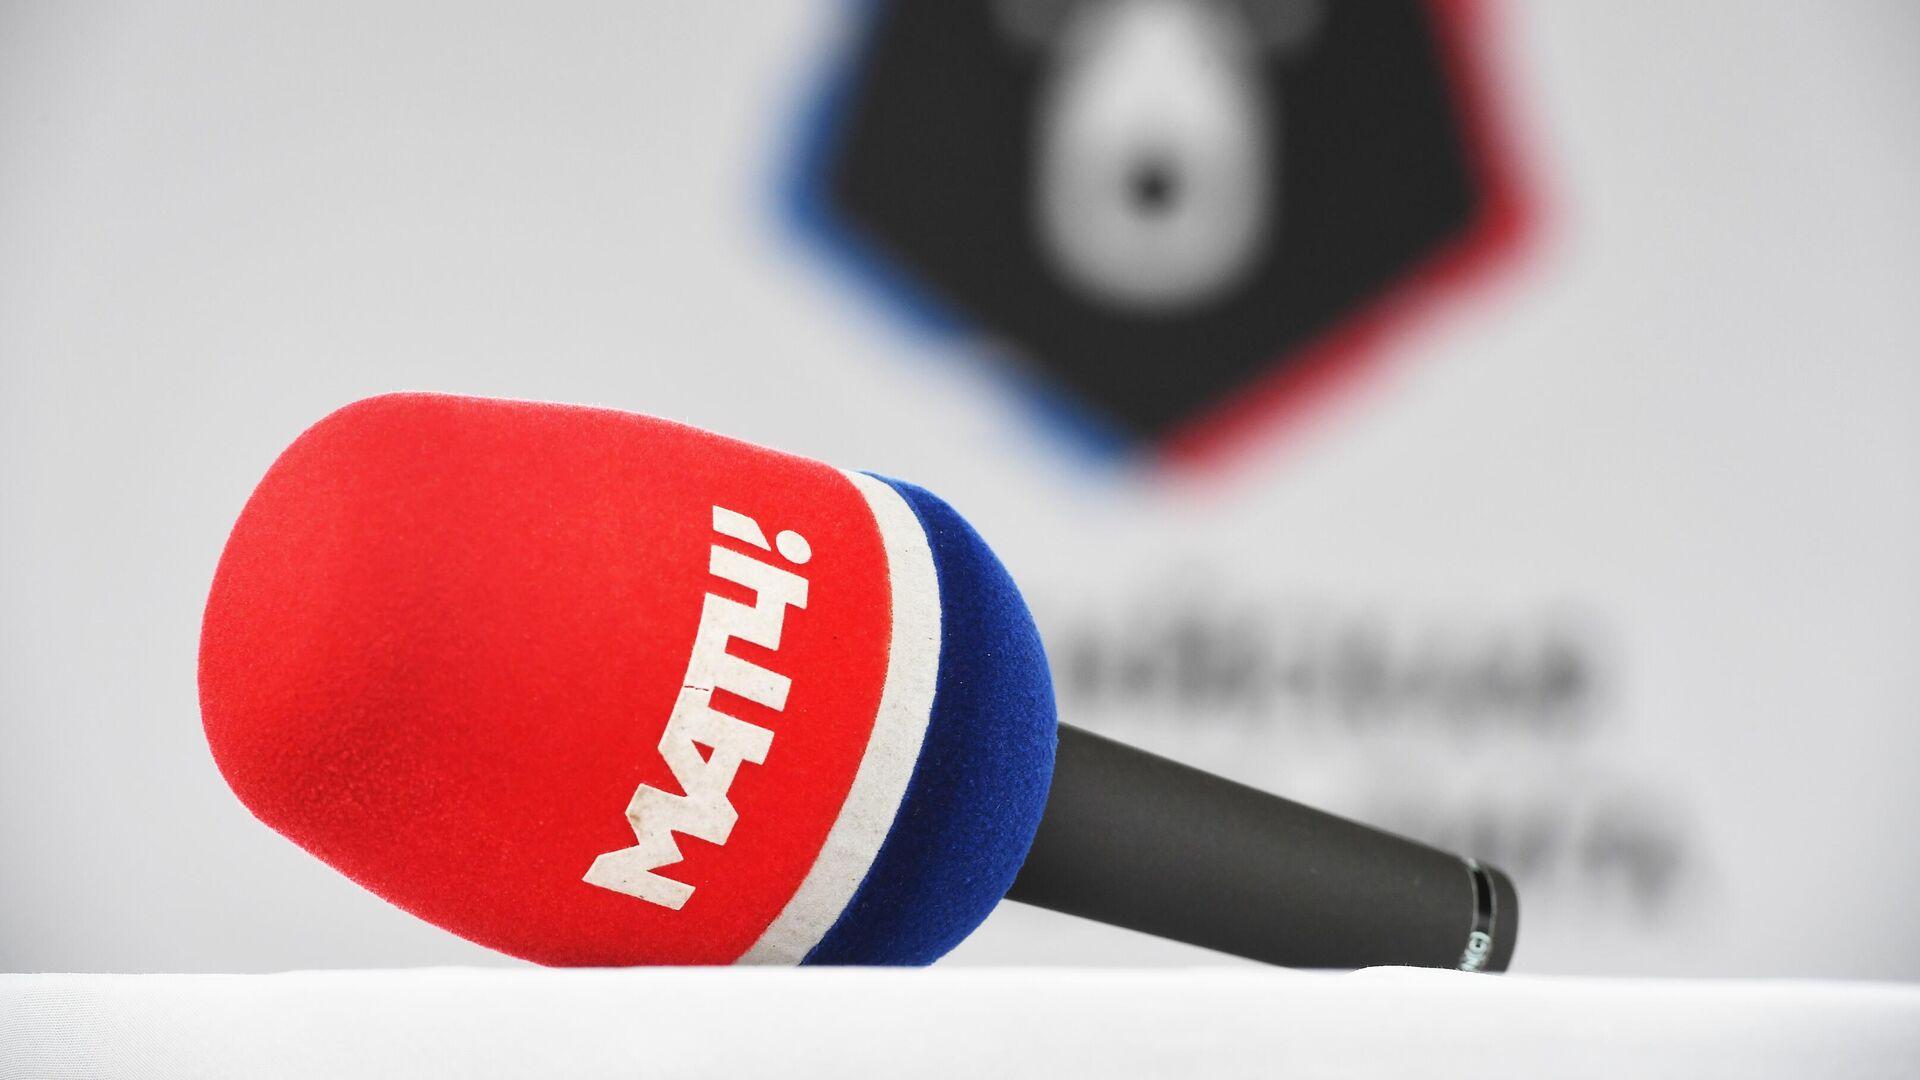 Микрофон с логотипом телеканала Матч и новый бренд российской футбольной премьер-лиги - РИА Новости, 1920, 10.09.2021